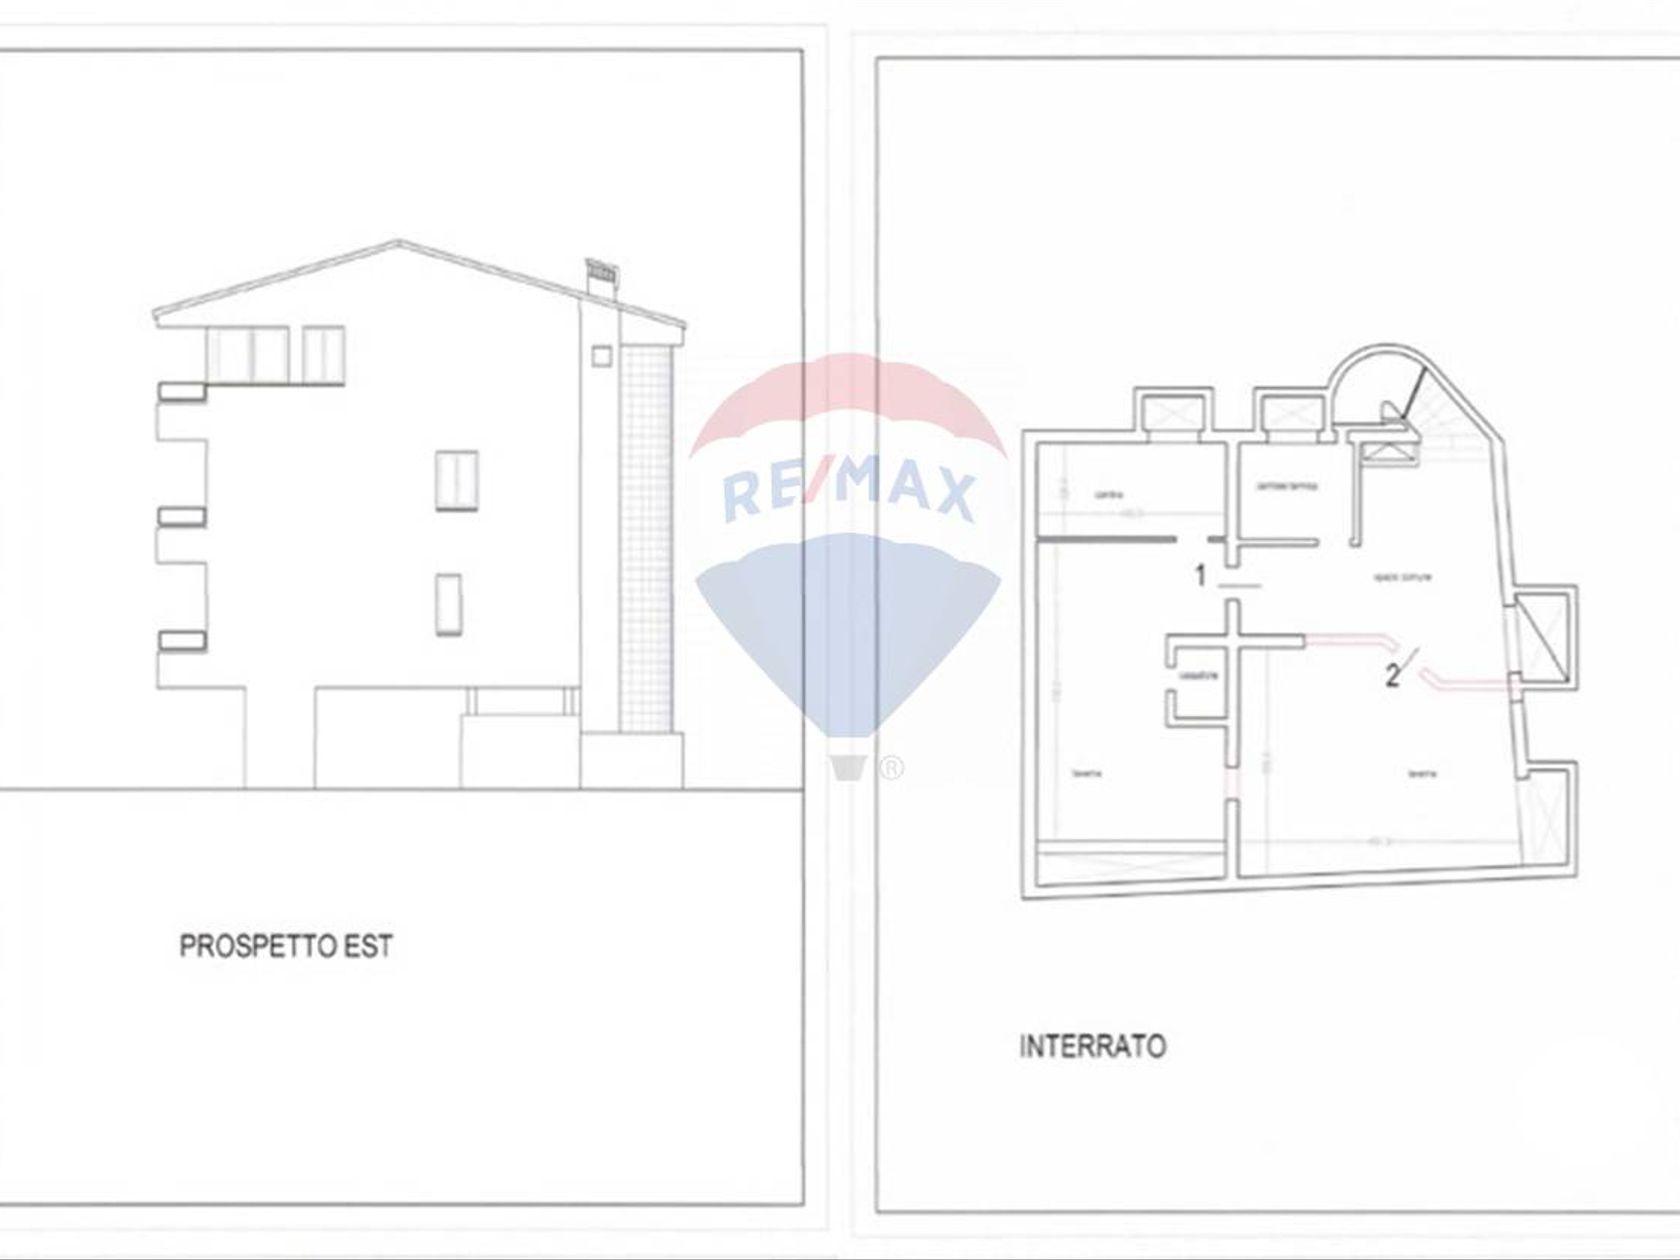 Casa Indipendente Quinzano, Verona, VR Vendita - Planimetria 2